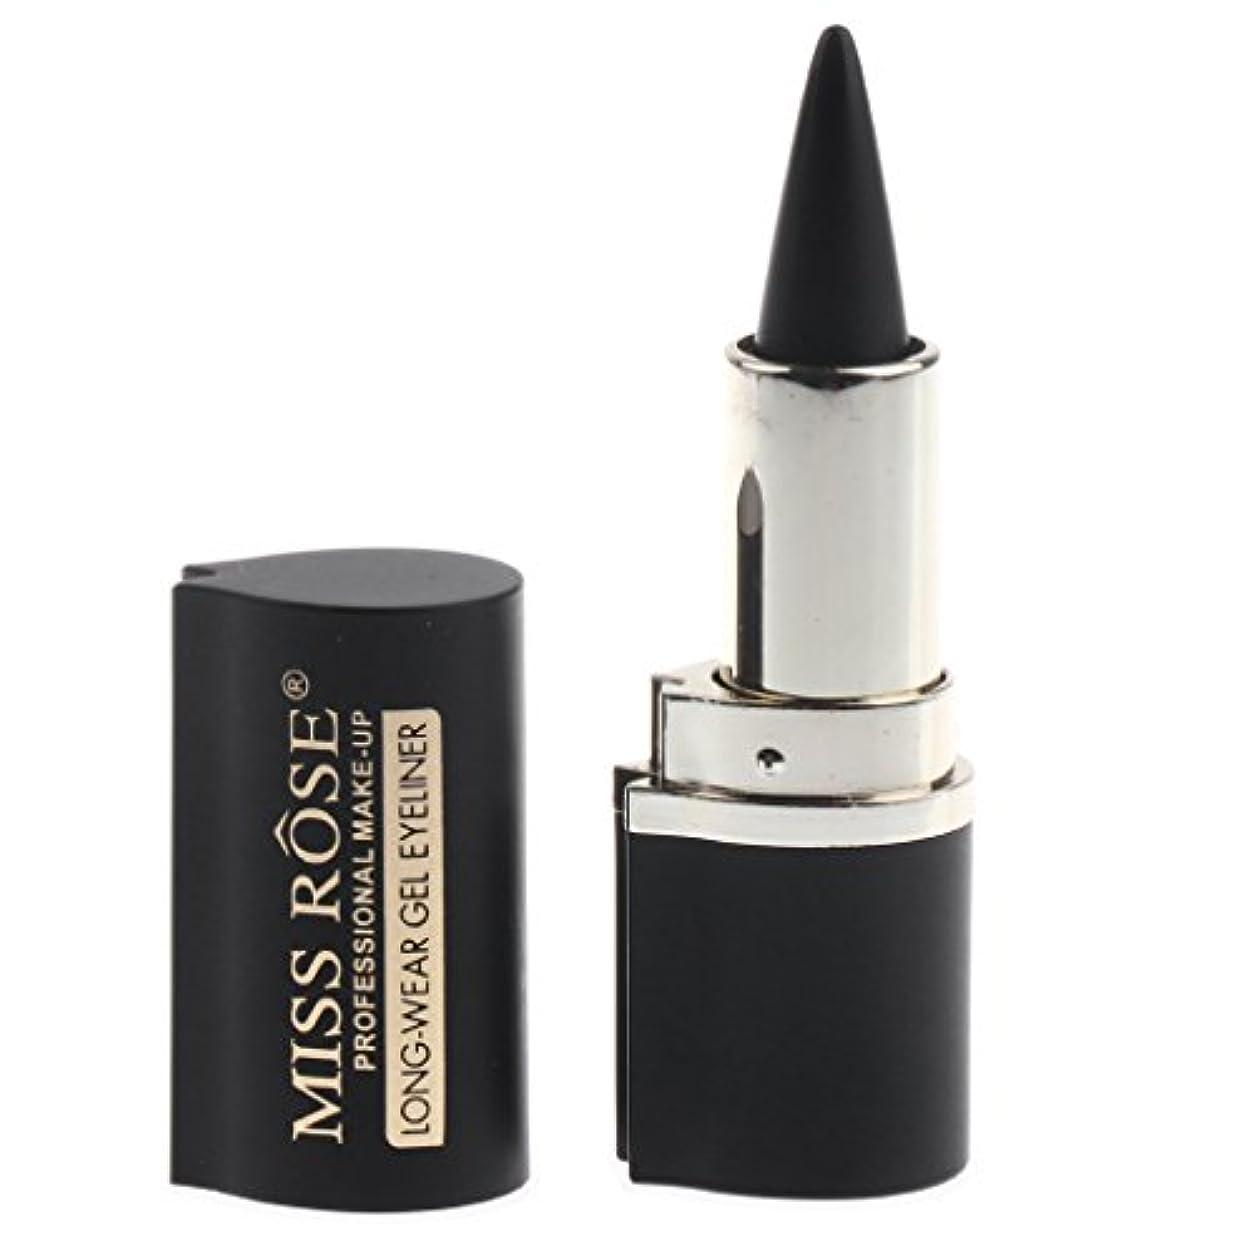 緊張する破産別々にアイライナー ペーストペン 化粧品 アイライナージェル メイク 持ち運び簡単 アイメイク 耐水性